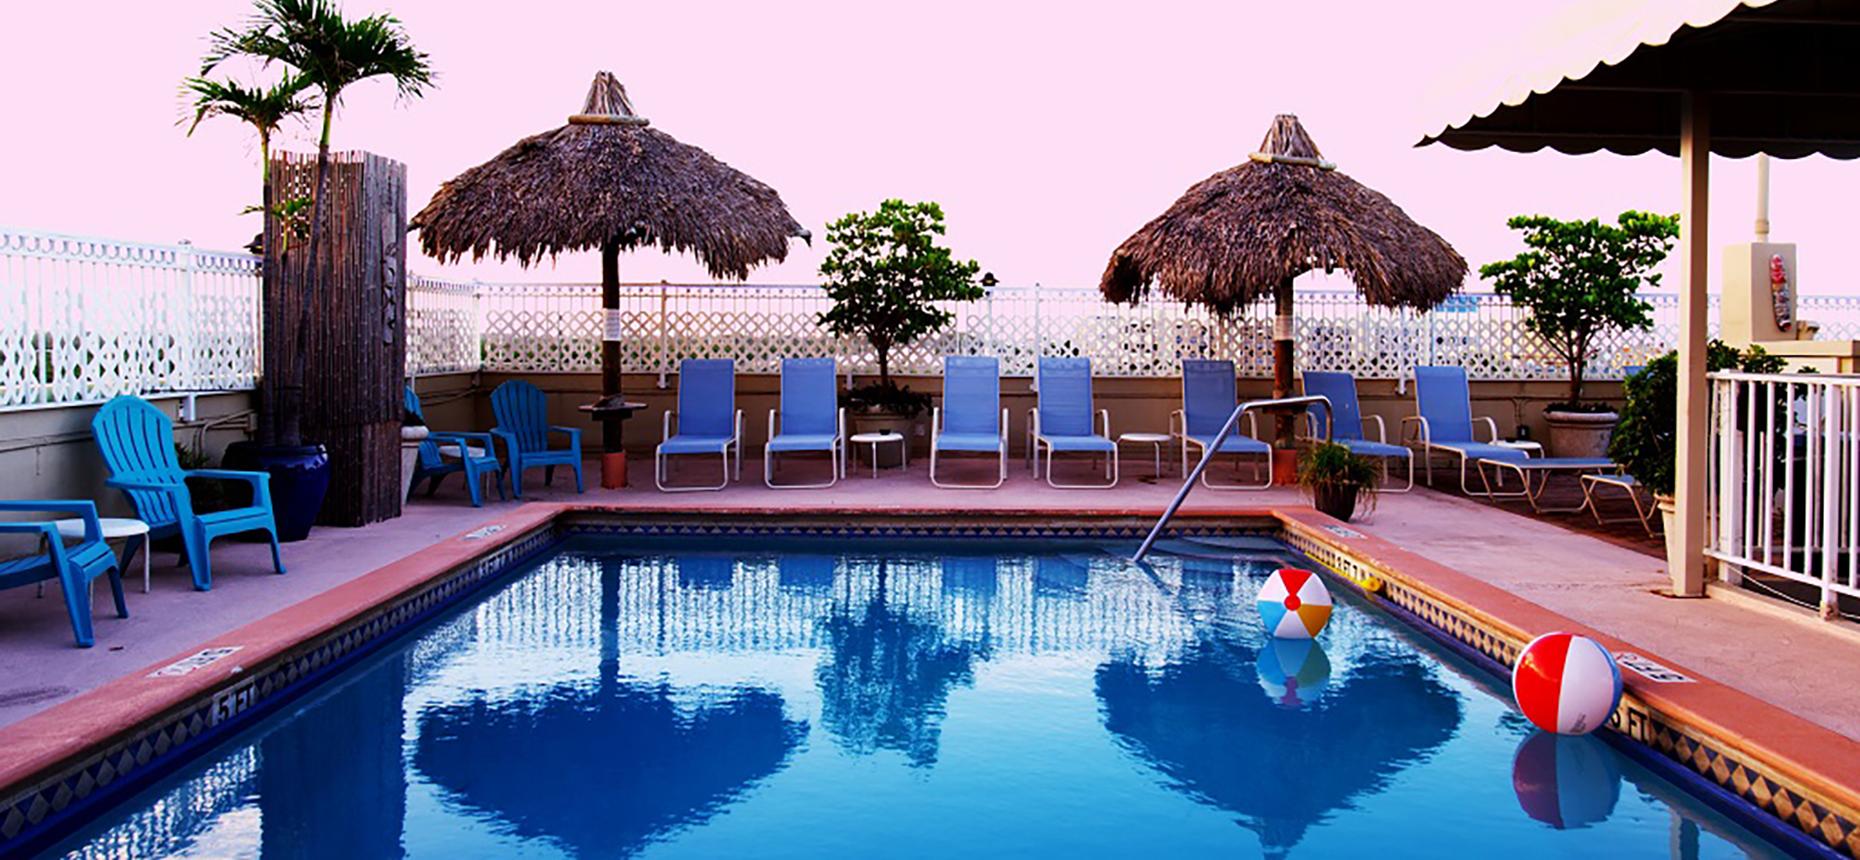 Rooftop Resort - South Floridas #1 Swingers Nudist Hotel